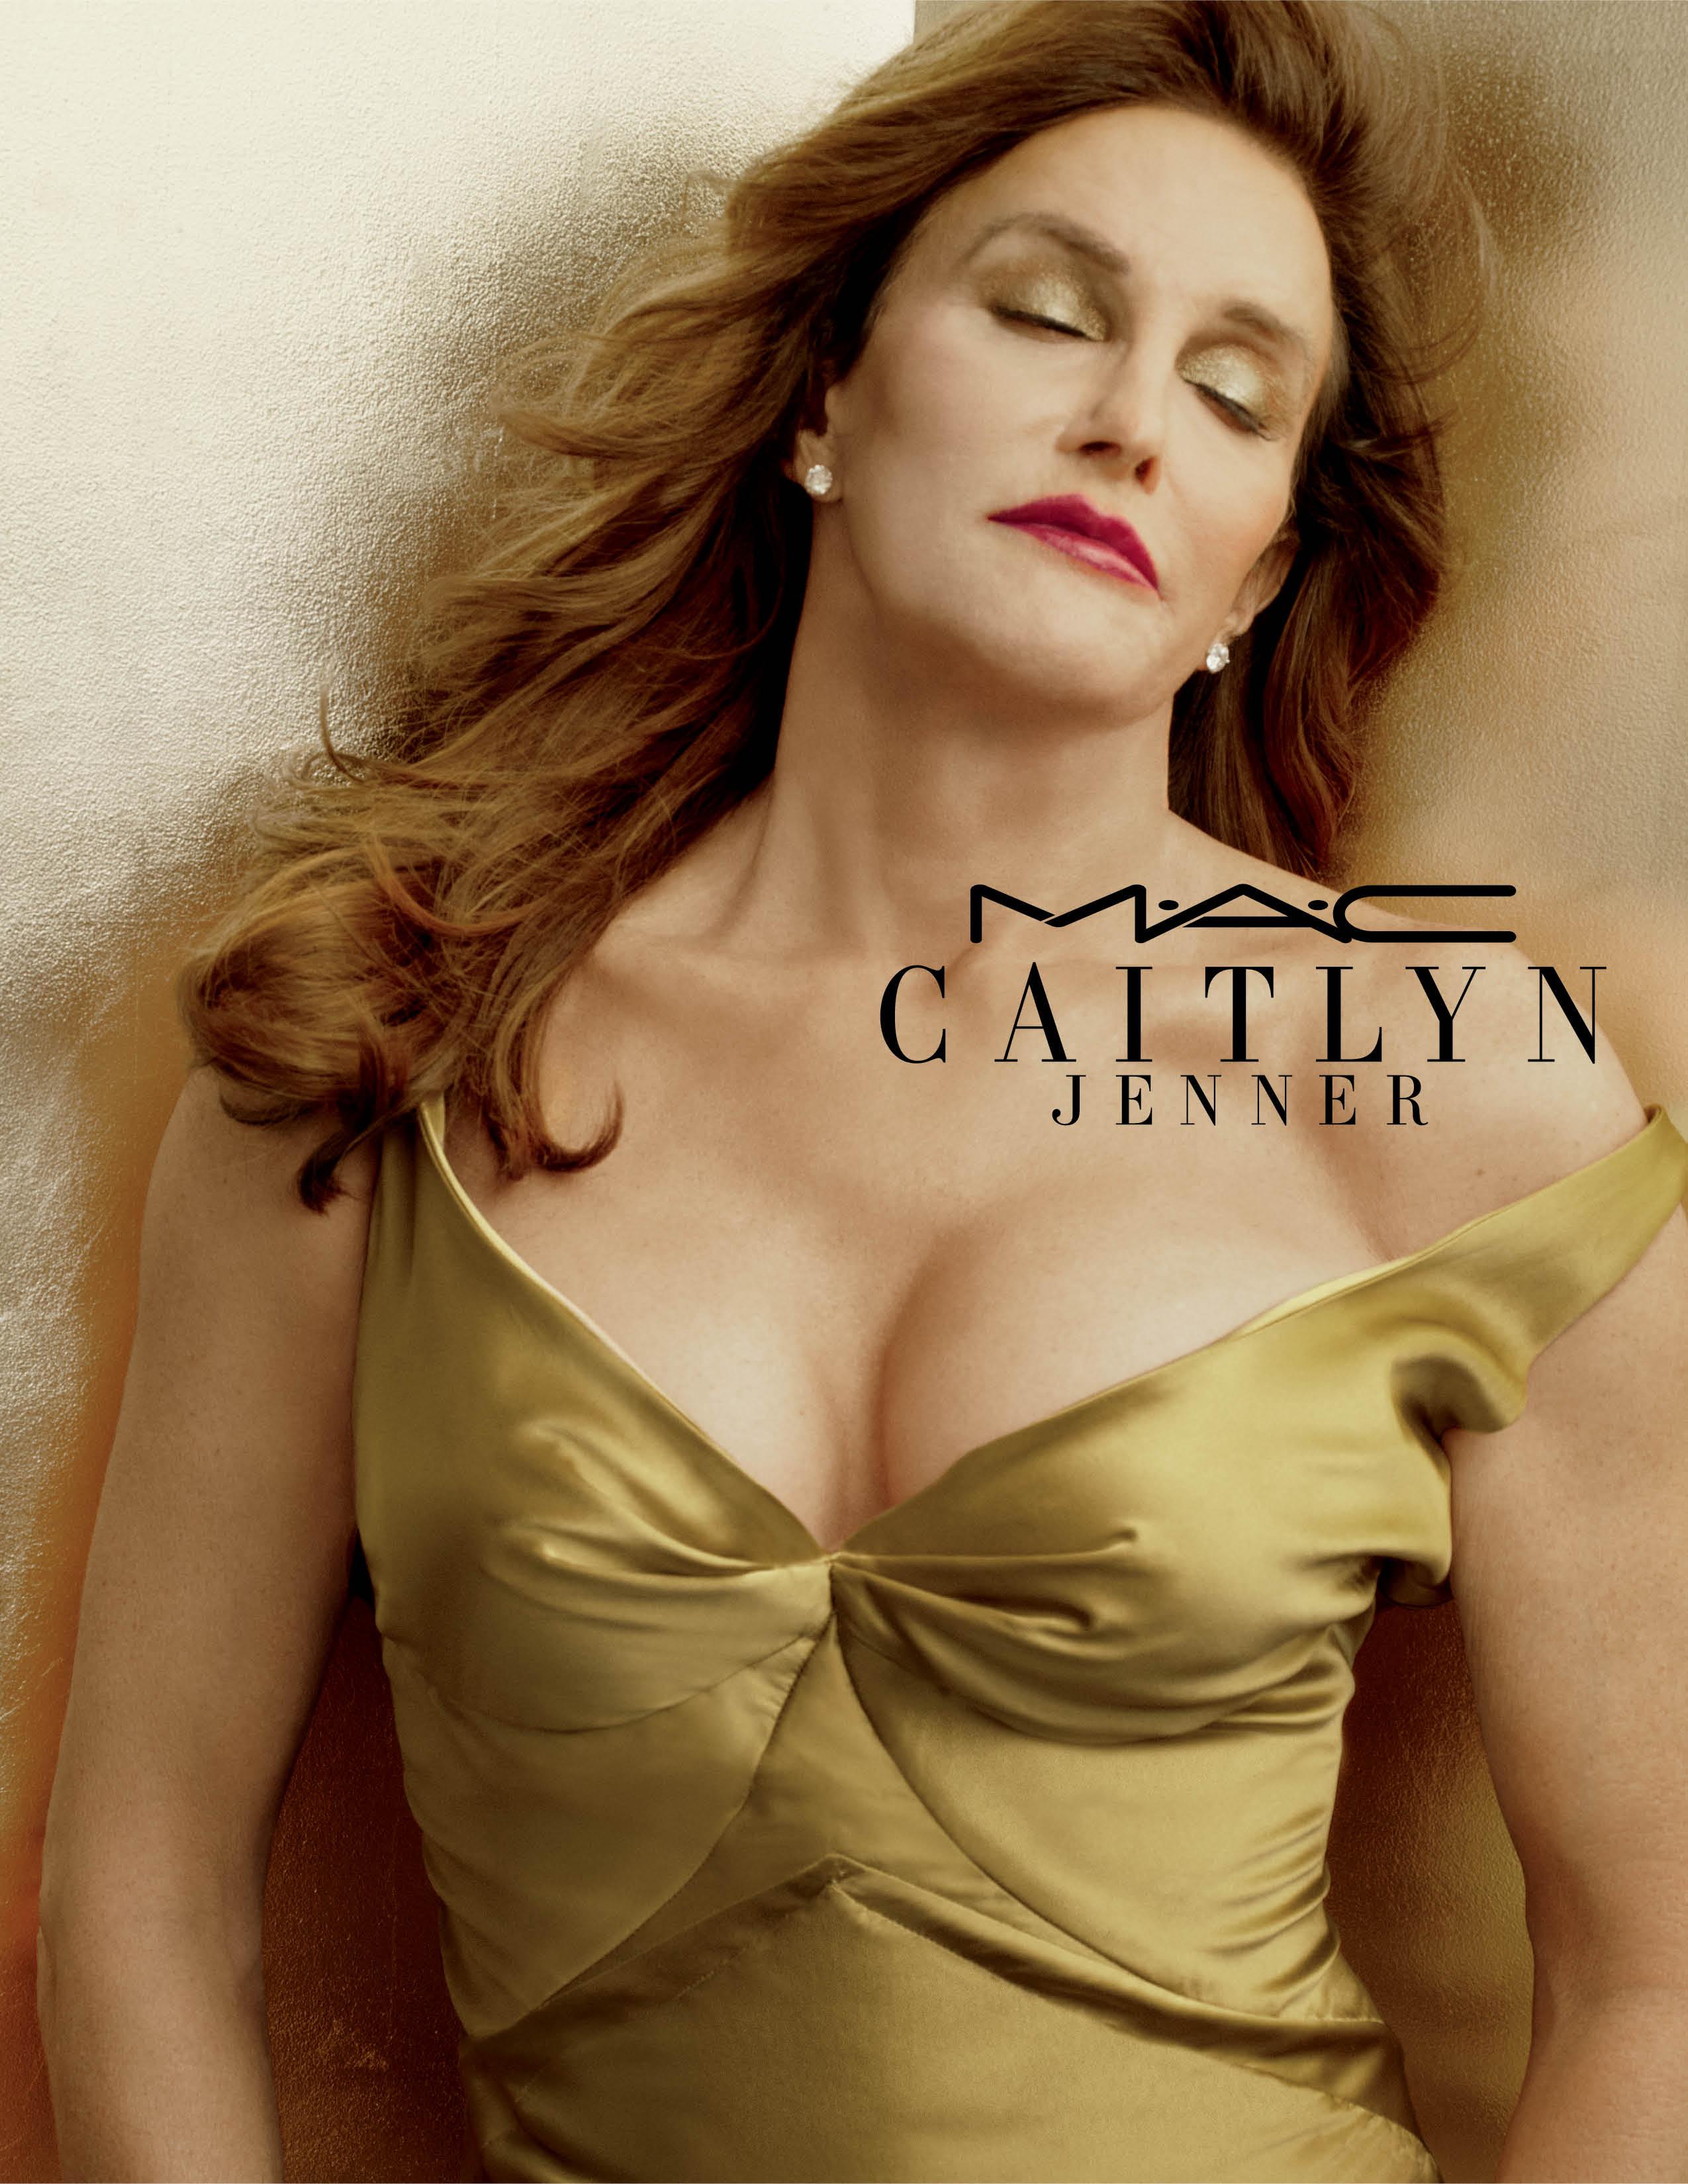 caitlyn_jenner_beauty_rgb_300.jpg